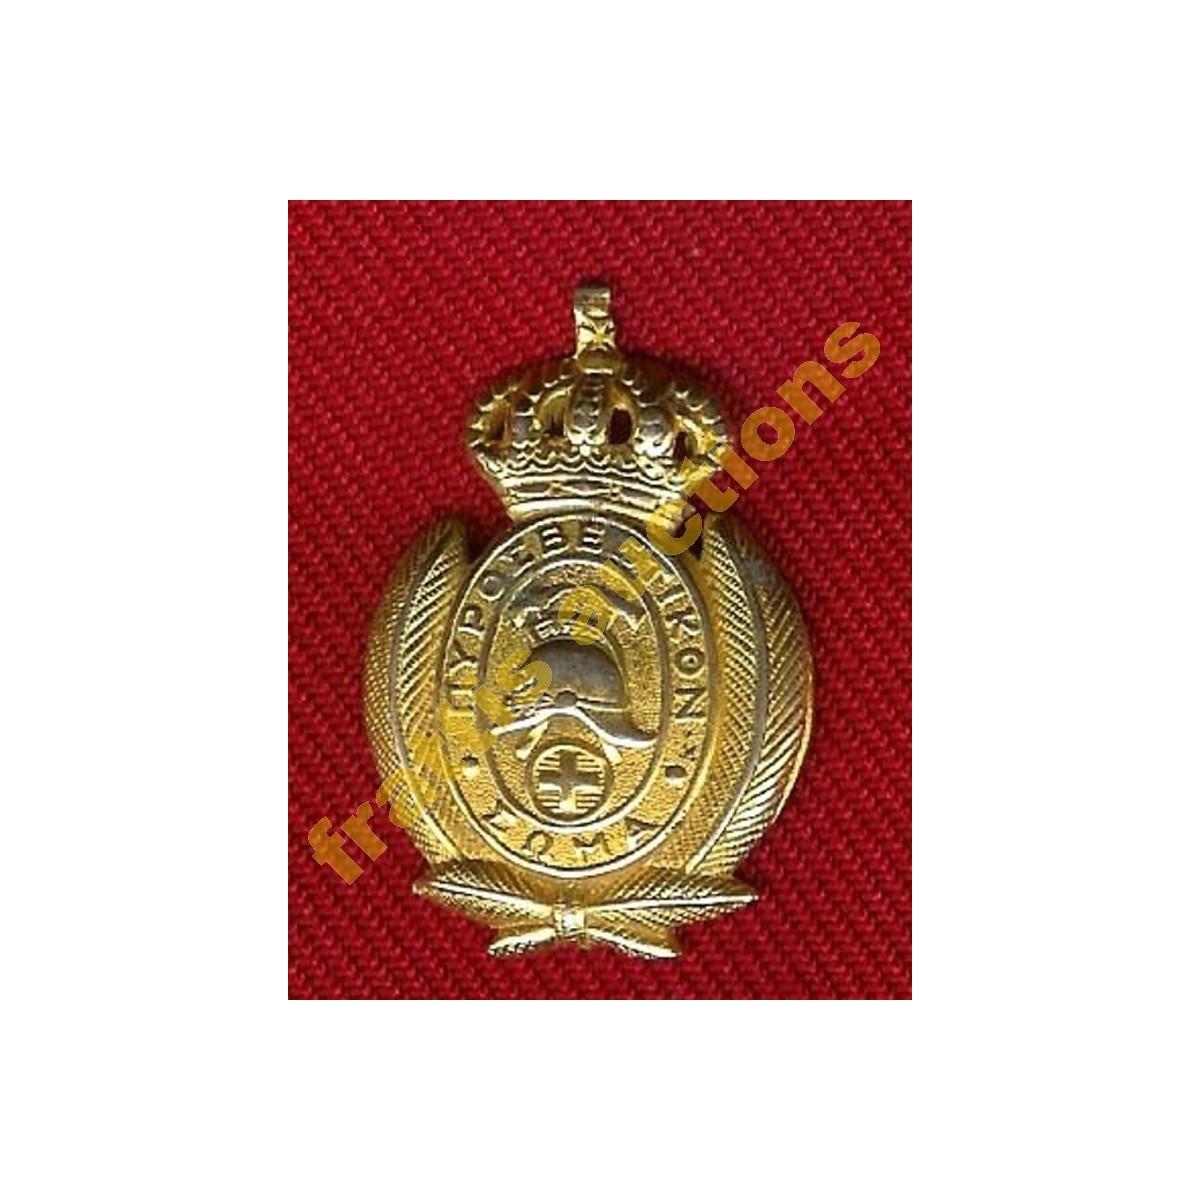 Σήμα: Ελληνικό Πυροσβεστικό Σώμα.